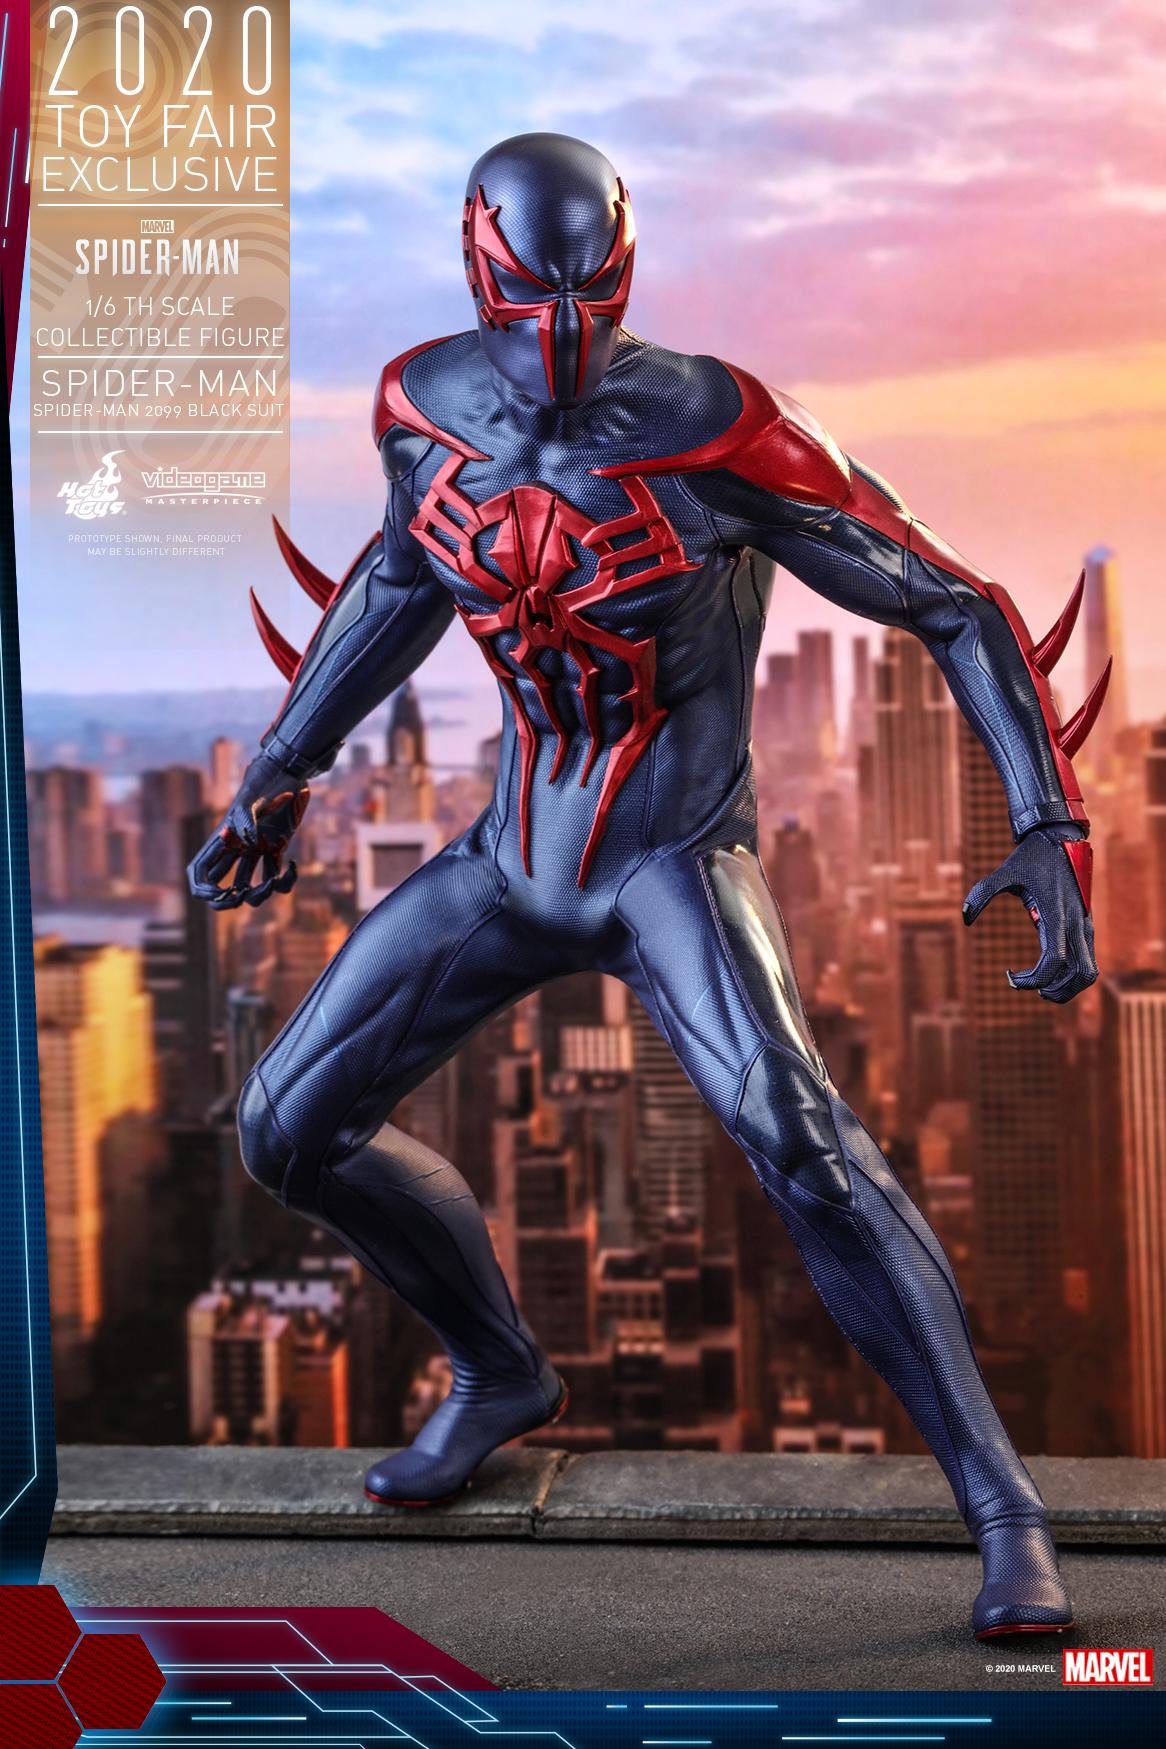 Hot Toys - MSM - Spider-Man (Spider-Man 2099 Black Suit) collectible figure_PR3